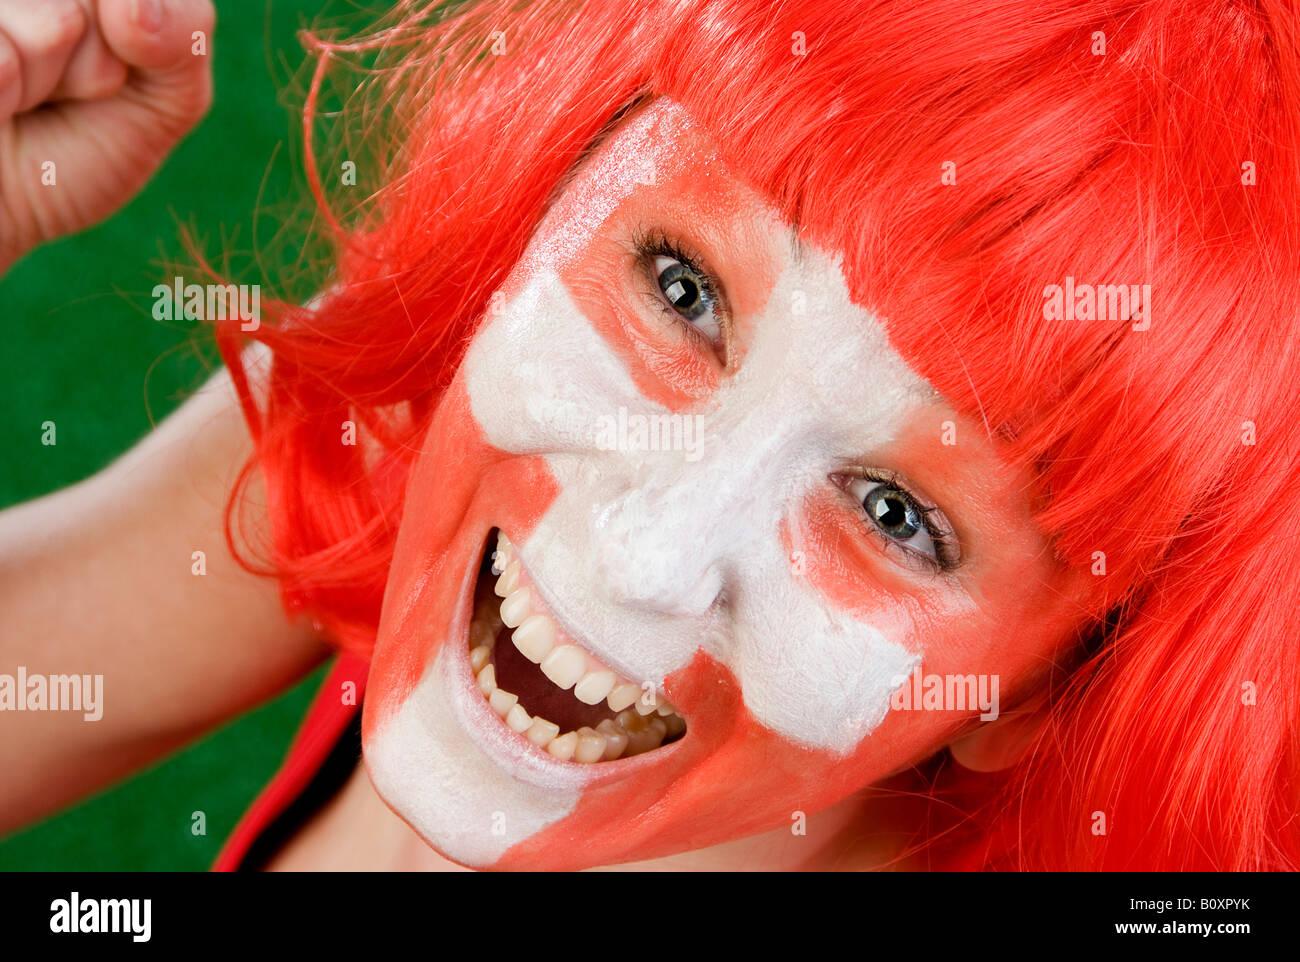 cute woman as Switzerland fan, cheering - Stock Image